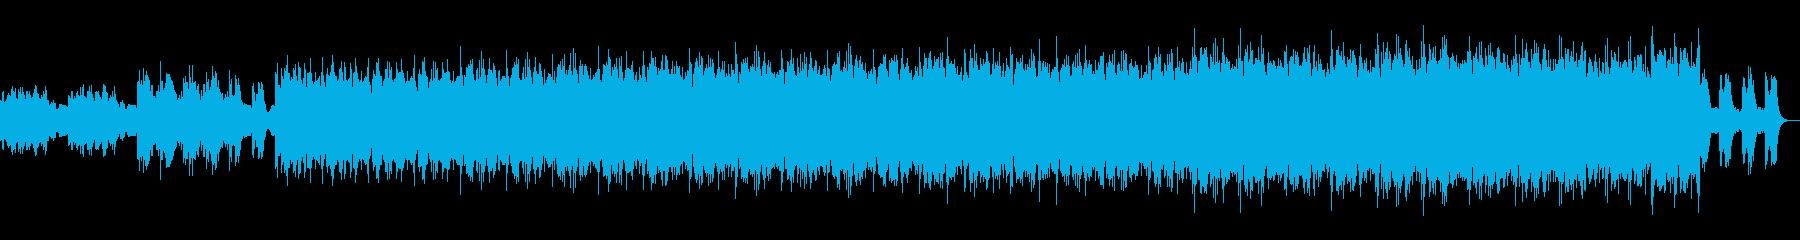 不穏・疑心・謎解き・地下ダンジョンの曲の再生済みの波形